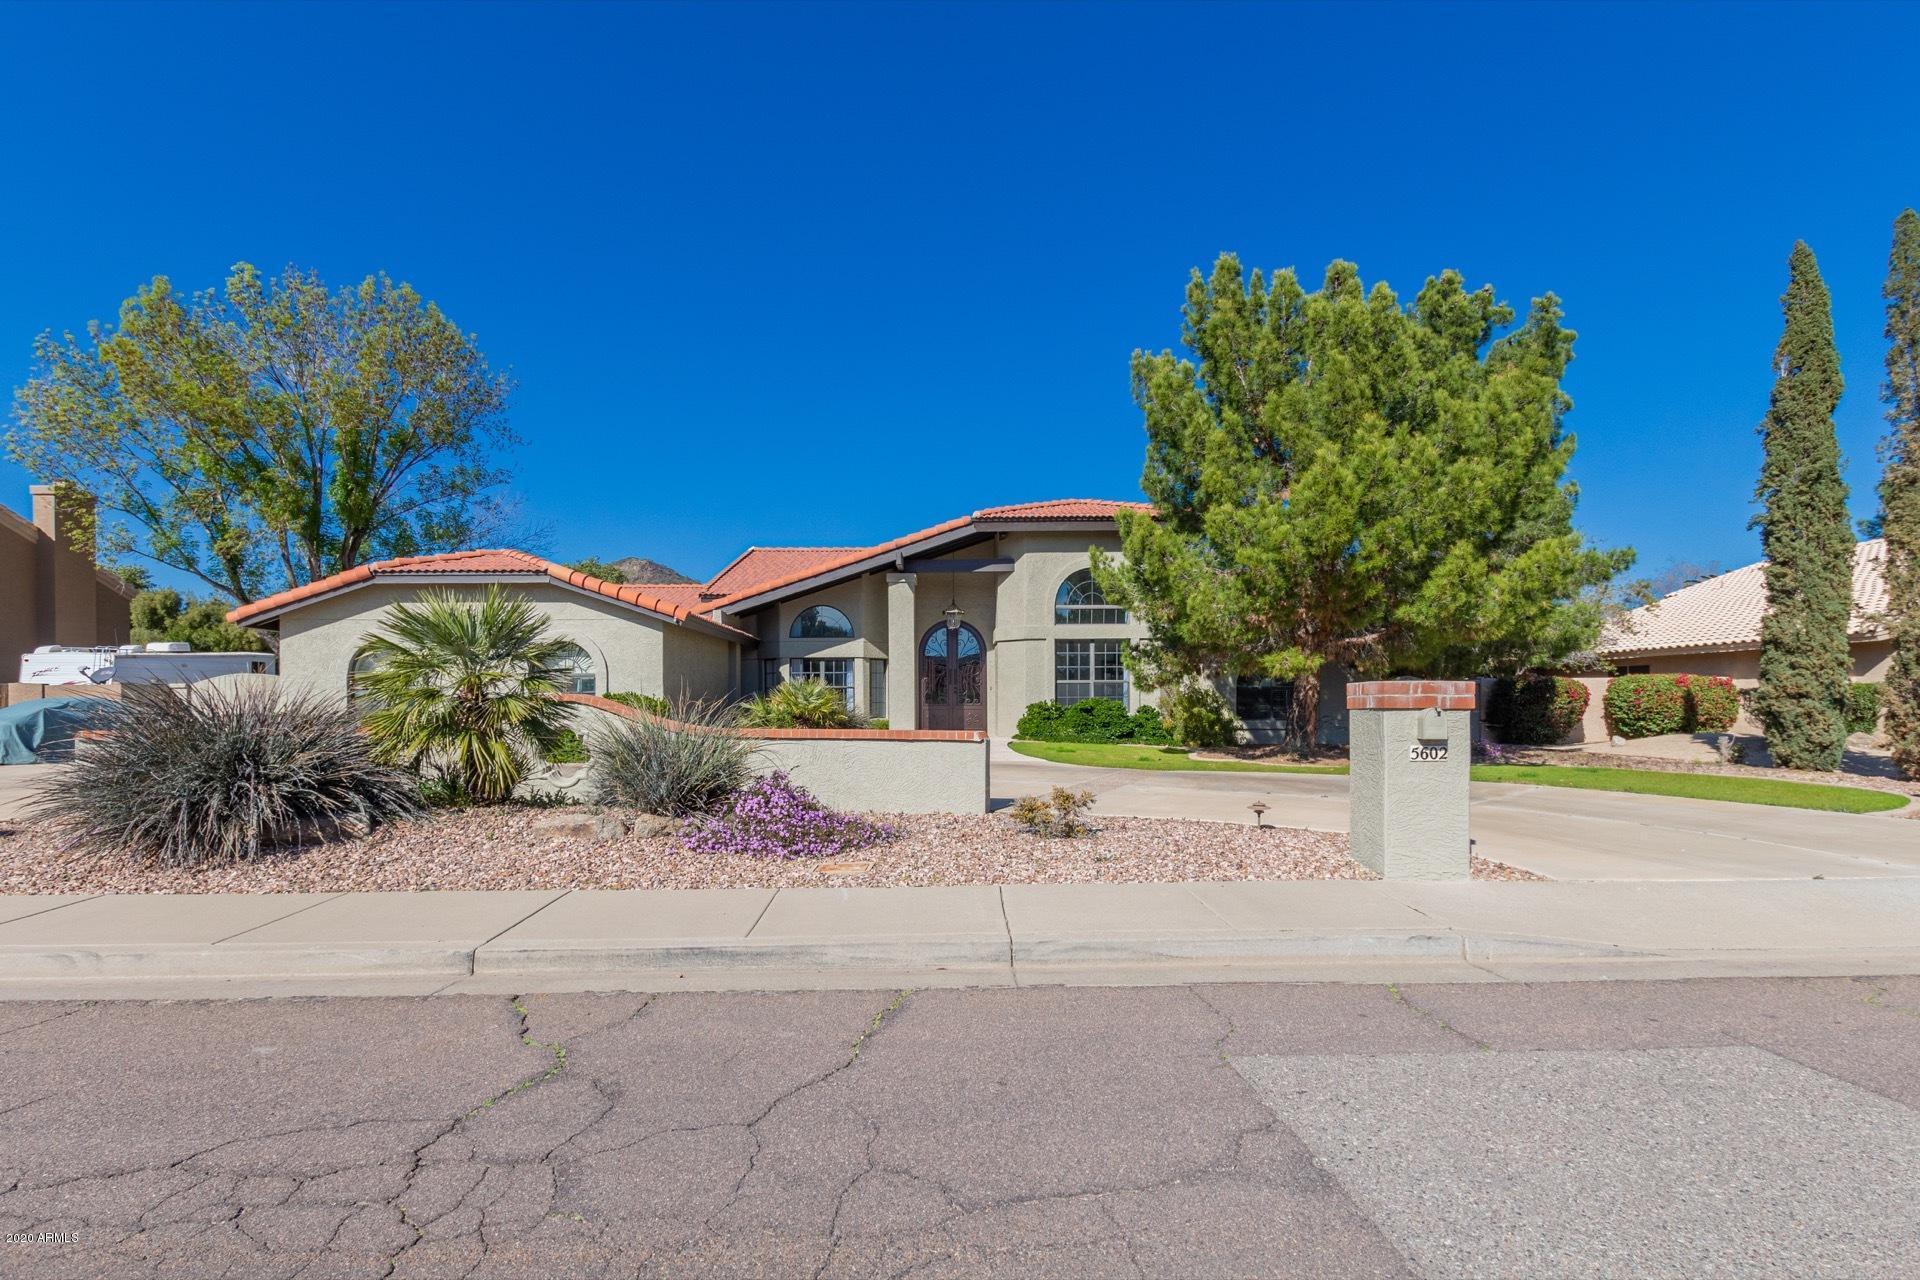 Photo of 5602 W ALAMEDA Road, Glendale, AZ 85310